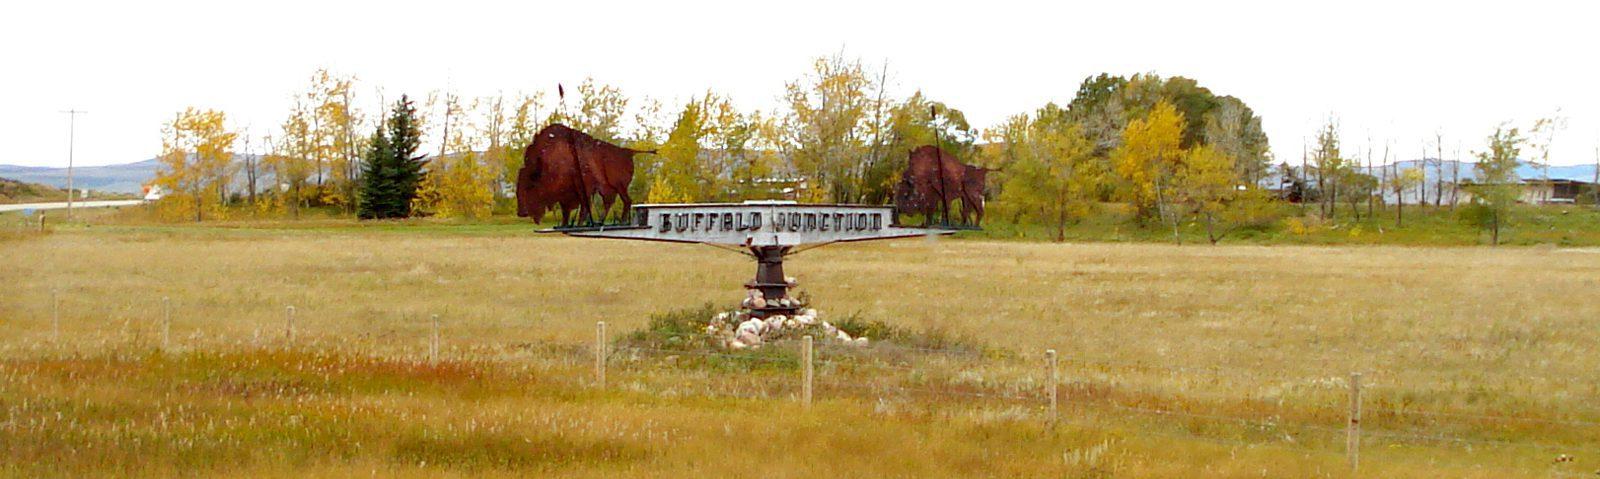 Fort MacLeod - Buffalo Junction Sign -sliver